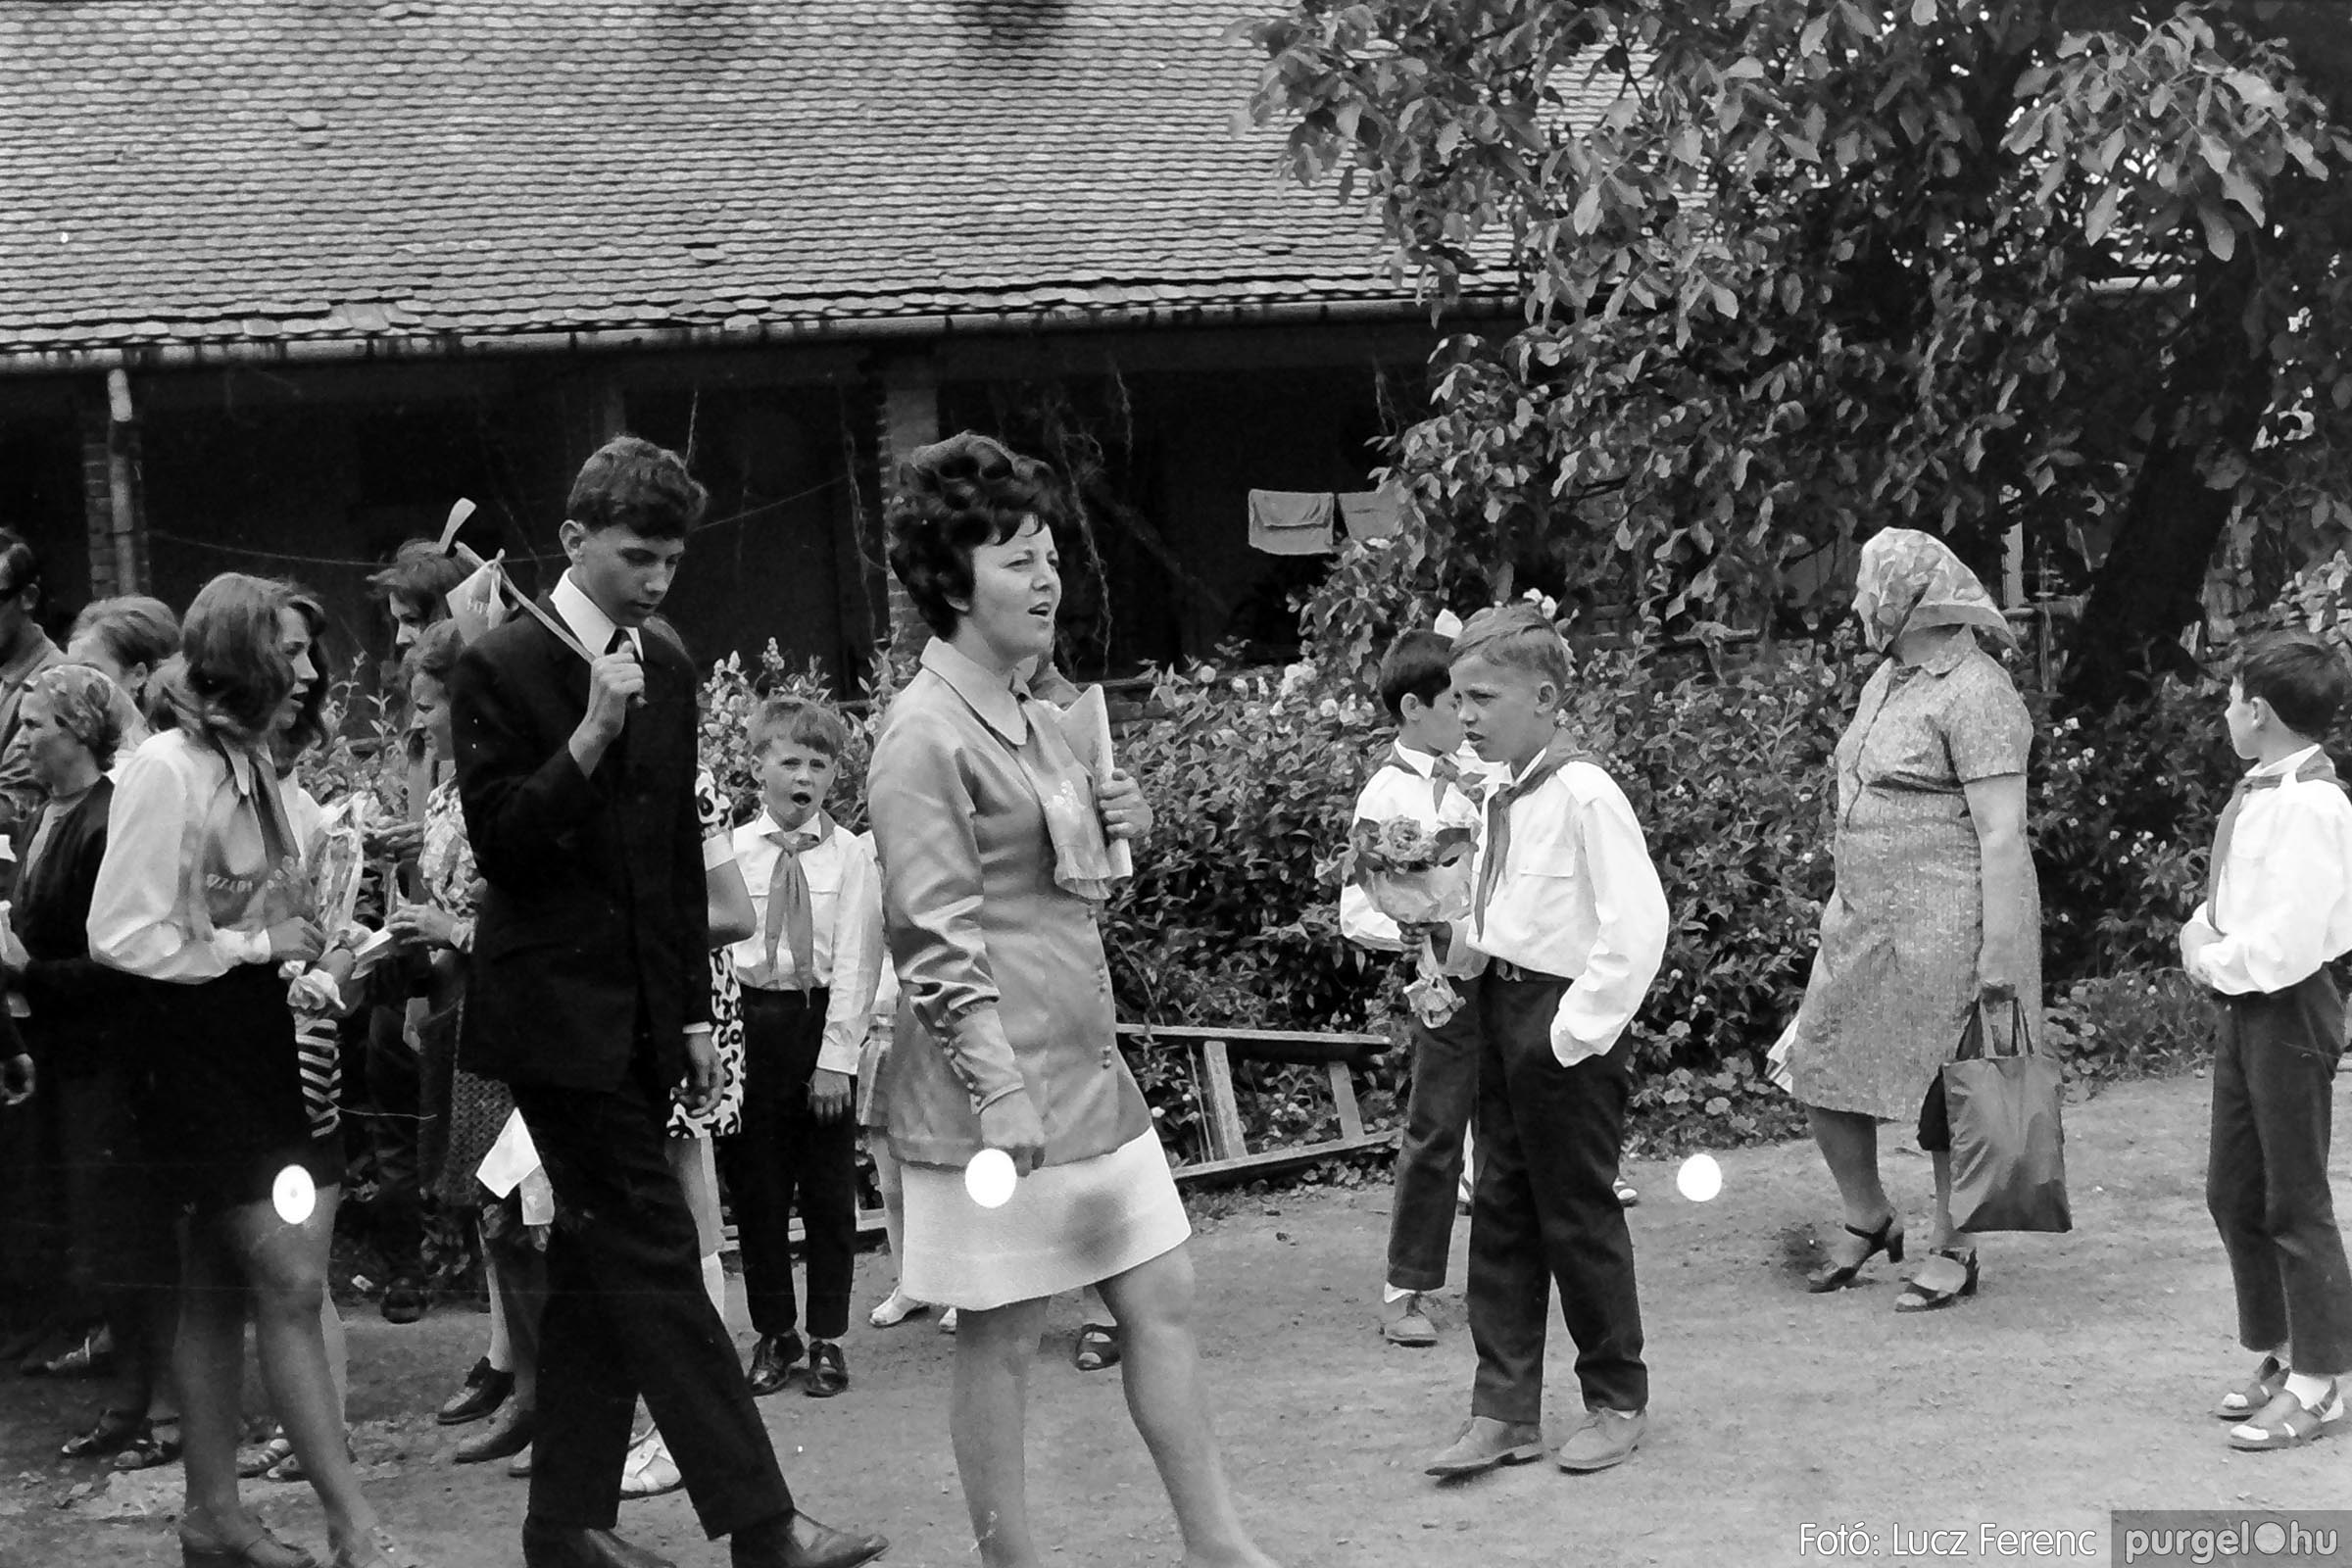 001 1972.05.27. Ballagás a szegvári iskolában 006 - Fotó: Lucz Ferenc - IMG01063q.jpg